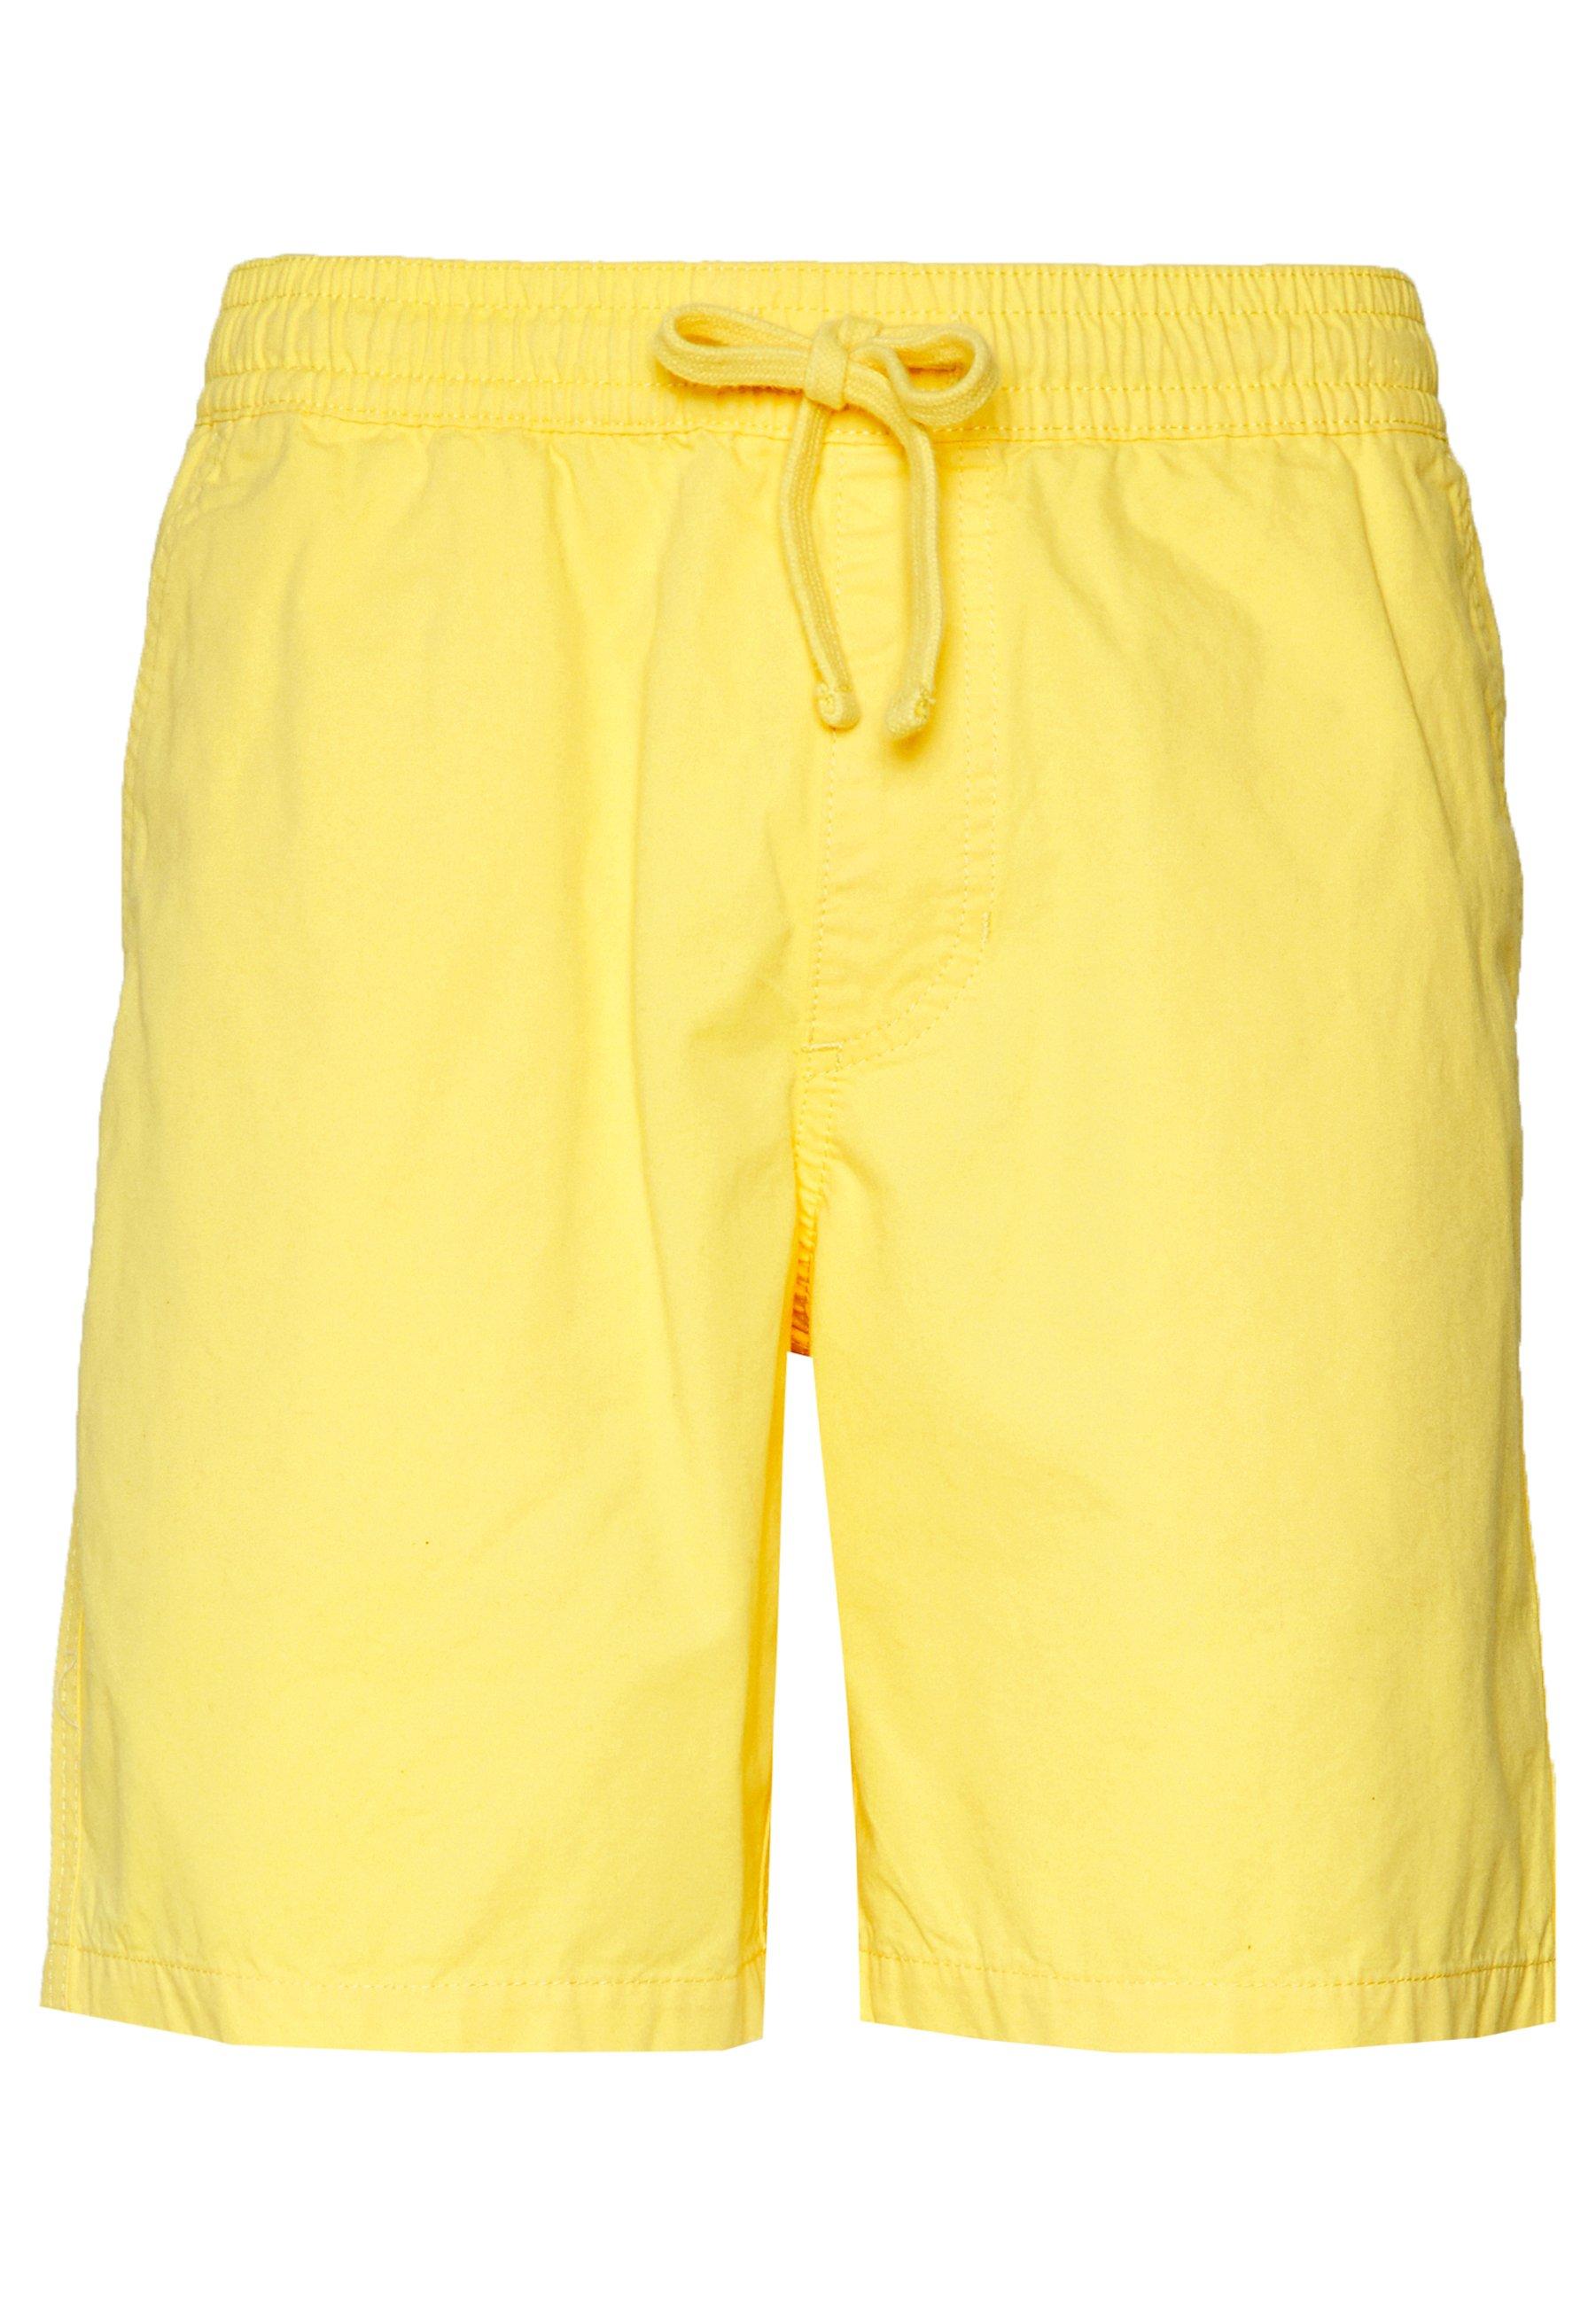 Vans RANGE Shorts khaki